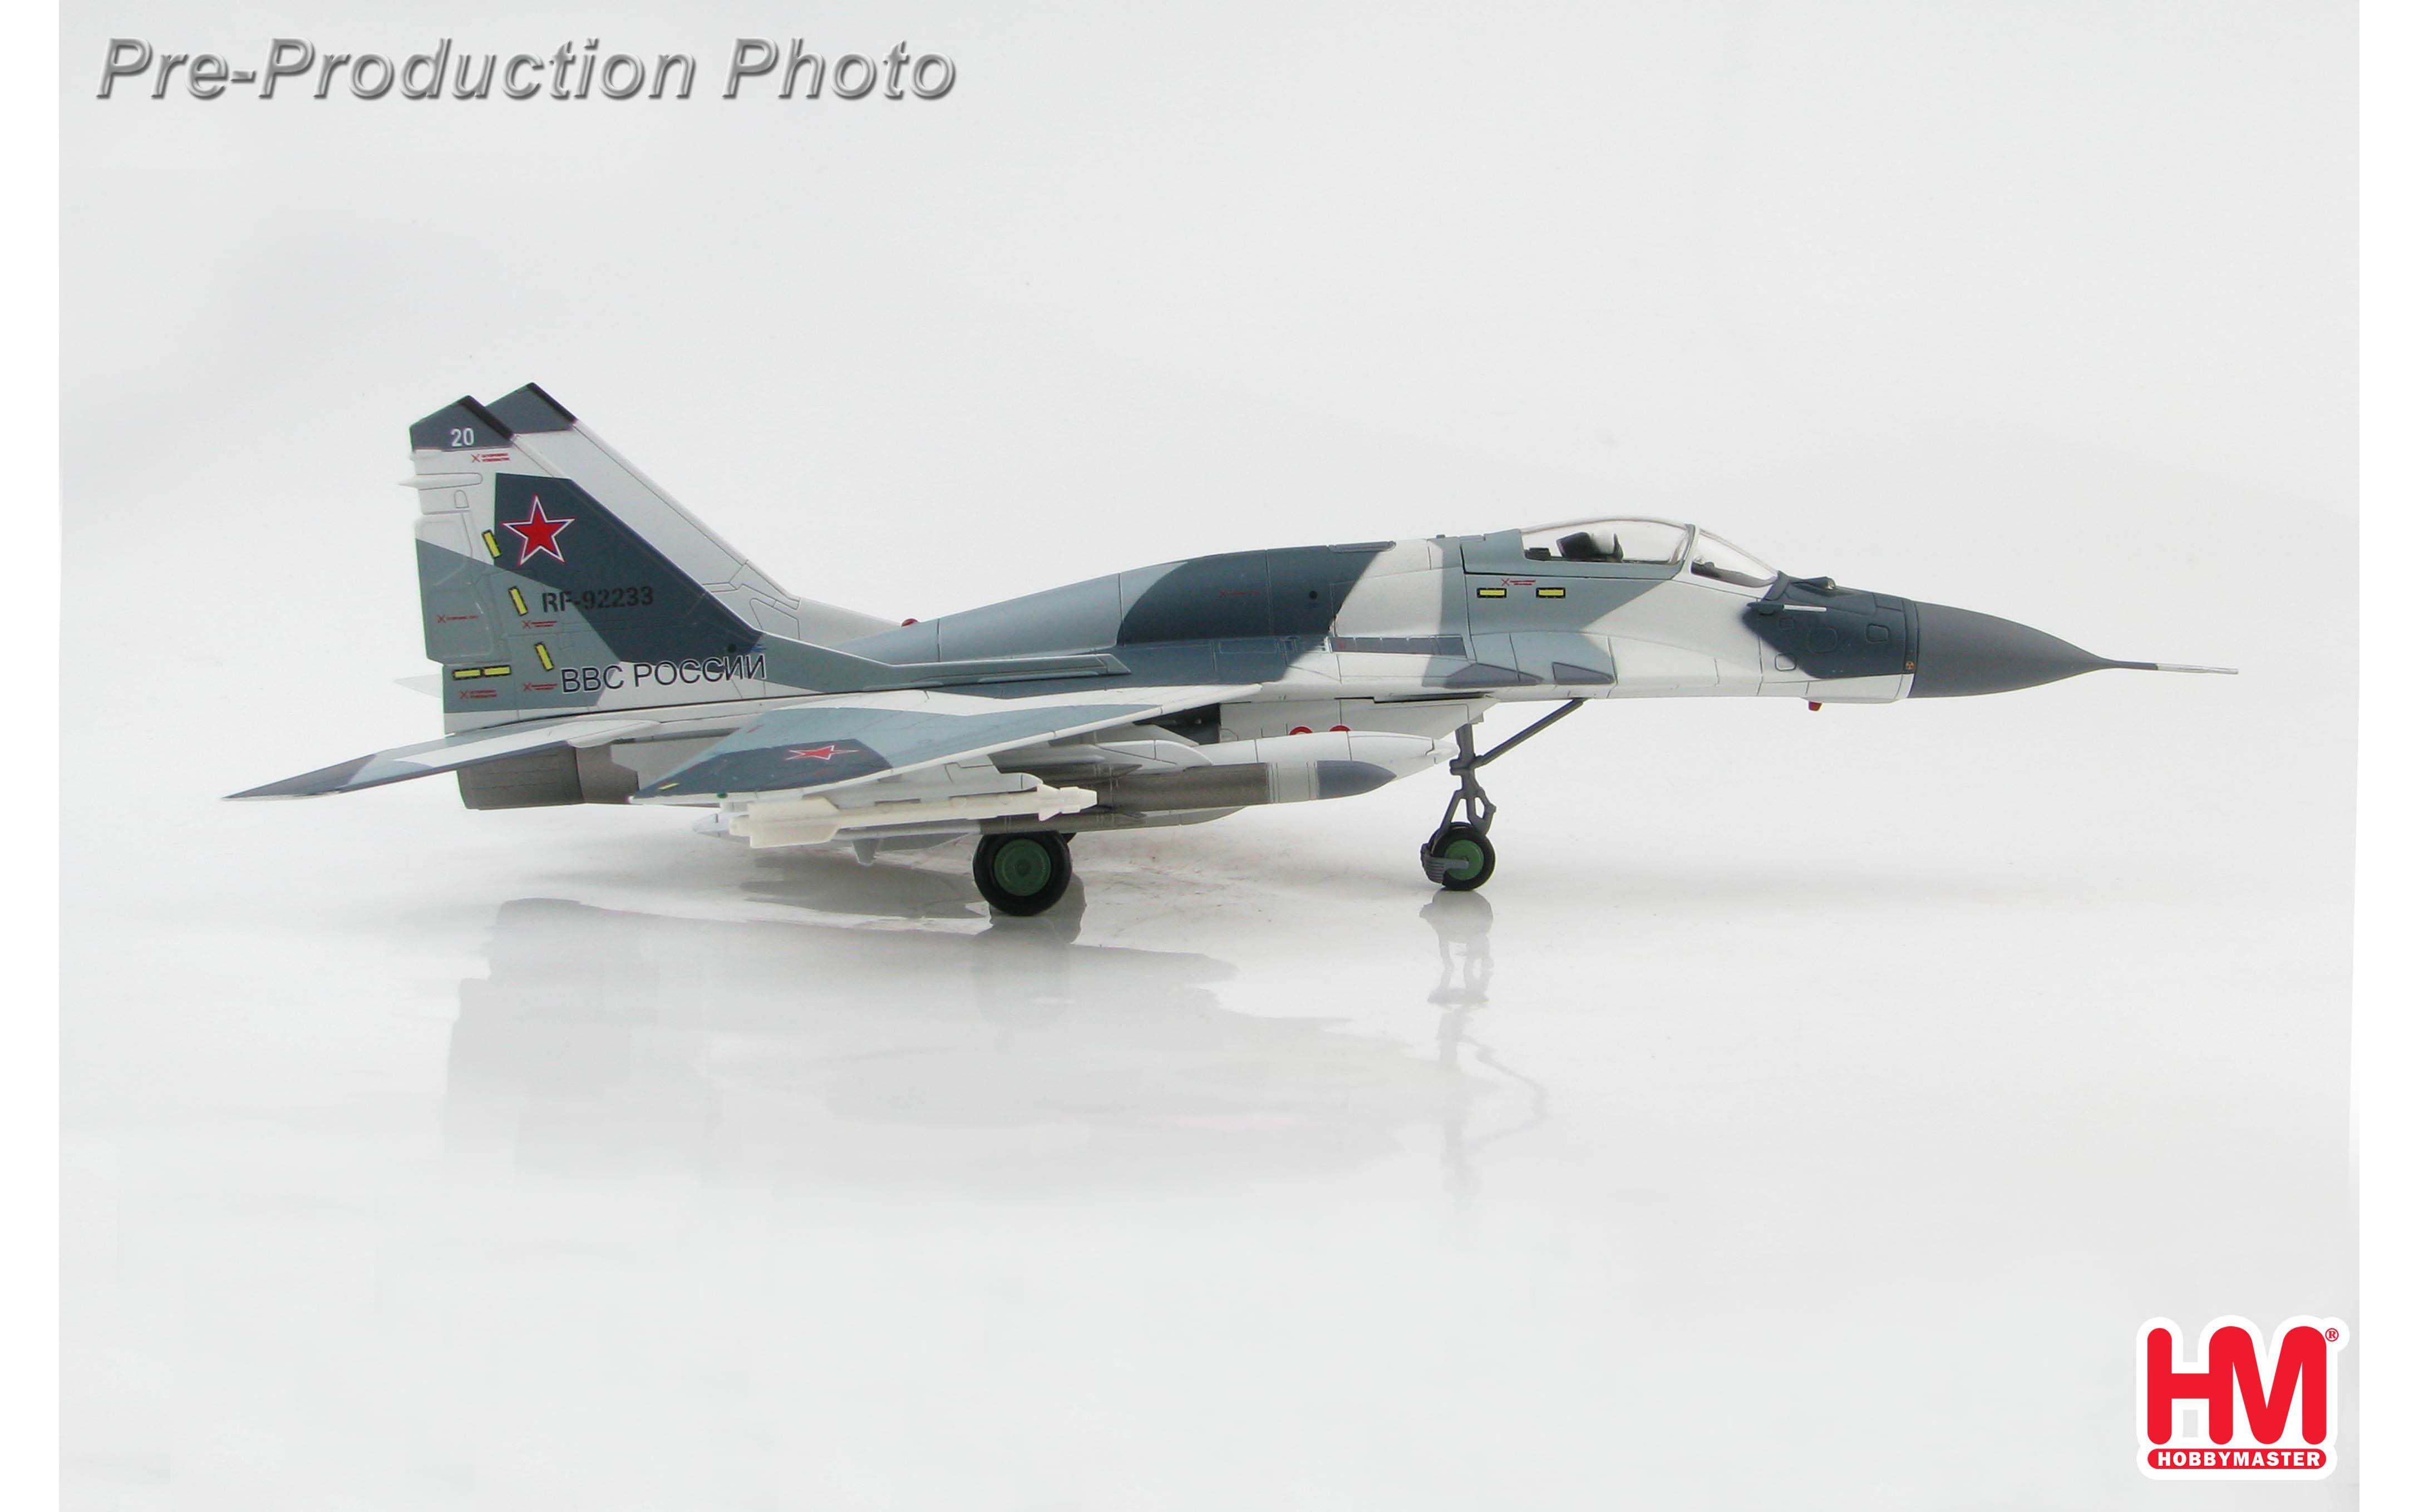 Krasnodar Higher Aviation Training  Faci Hobby Master HA0195,MIG-21SMT Blue 22